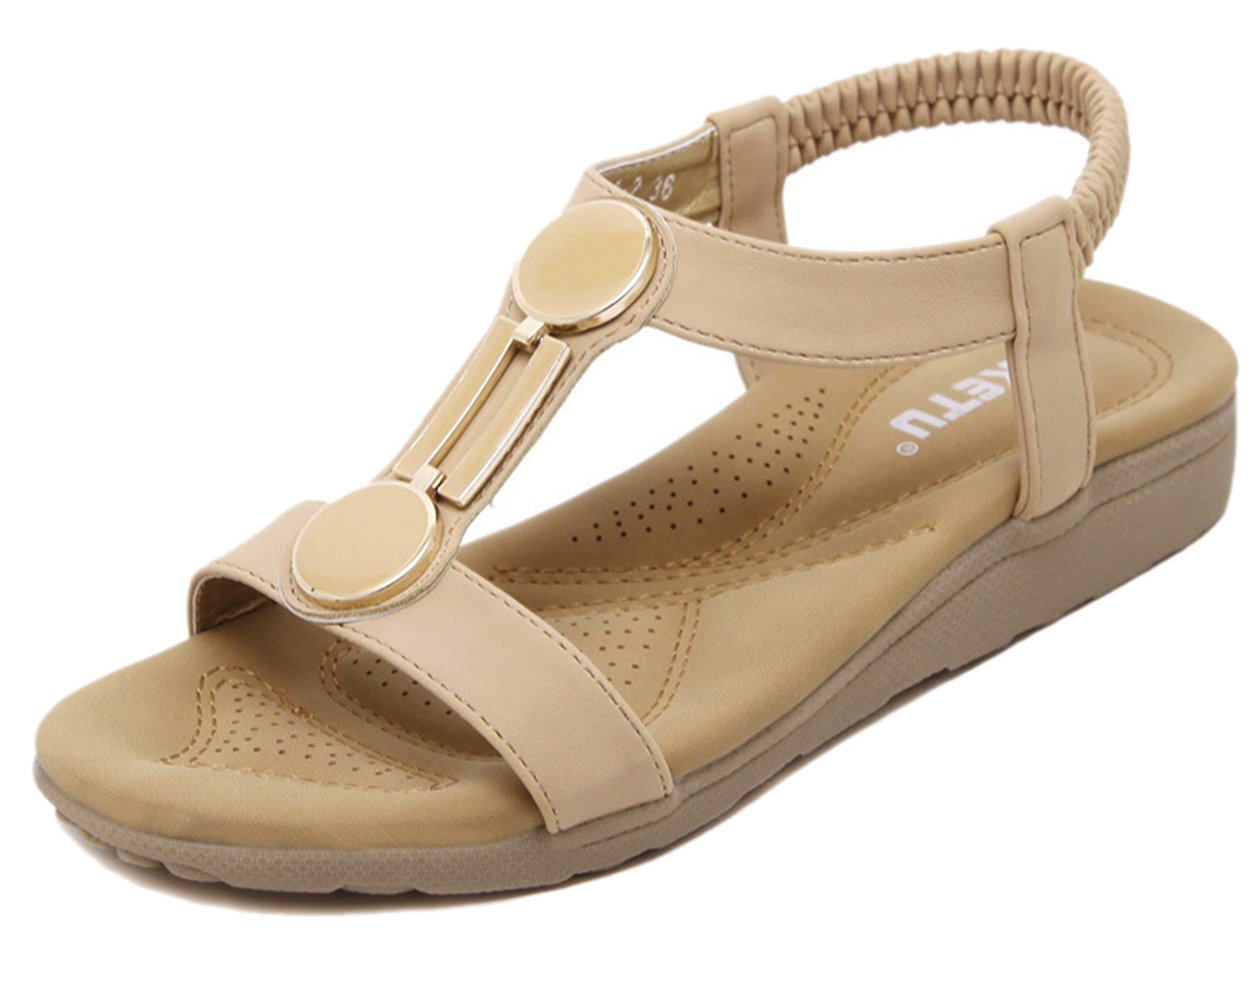 DQQ Damen Offener Zehenbereich T Strap Flache Sandalen, Schwarz - Schwarz - Größe: 38